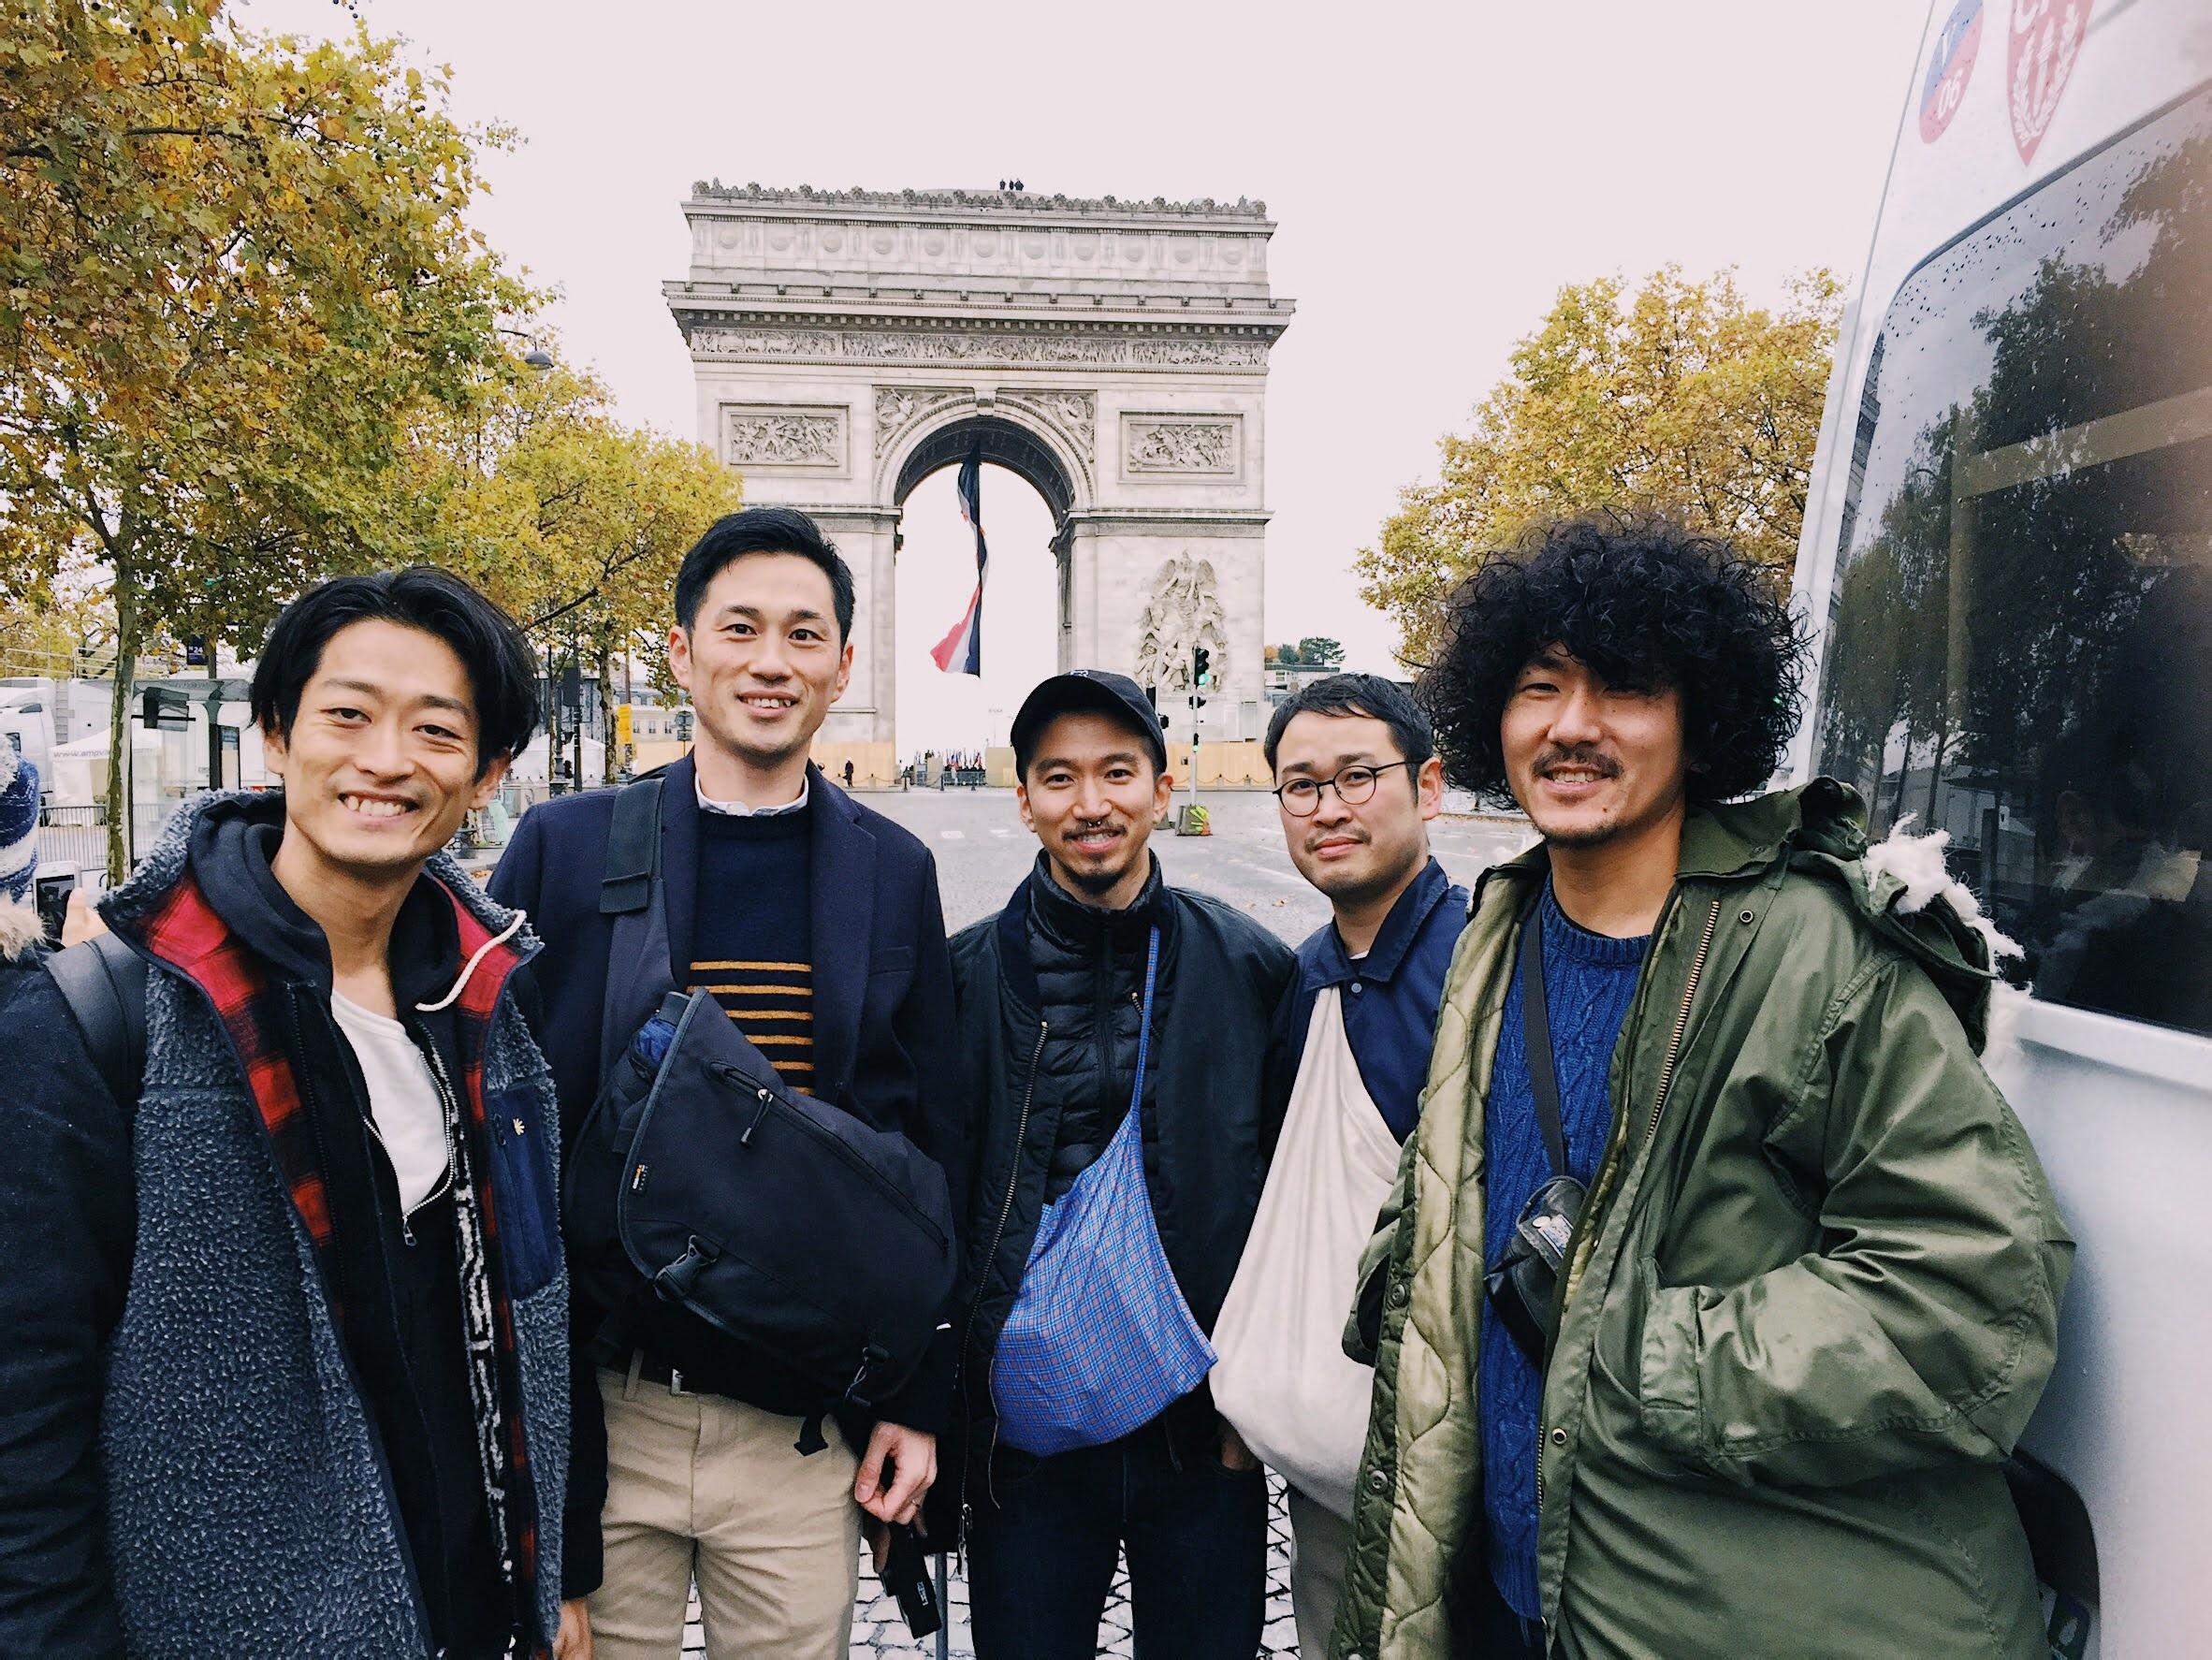 パリの凱旋門の前で仲間たちと